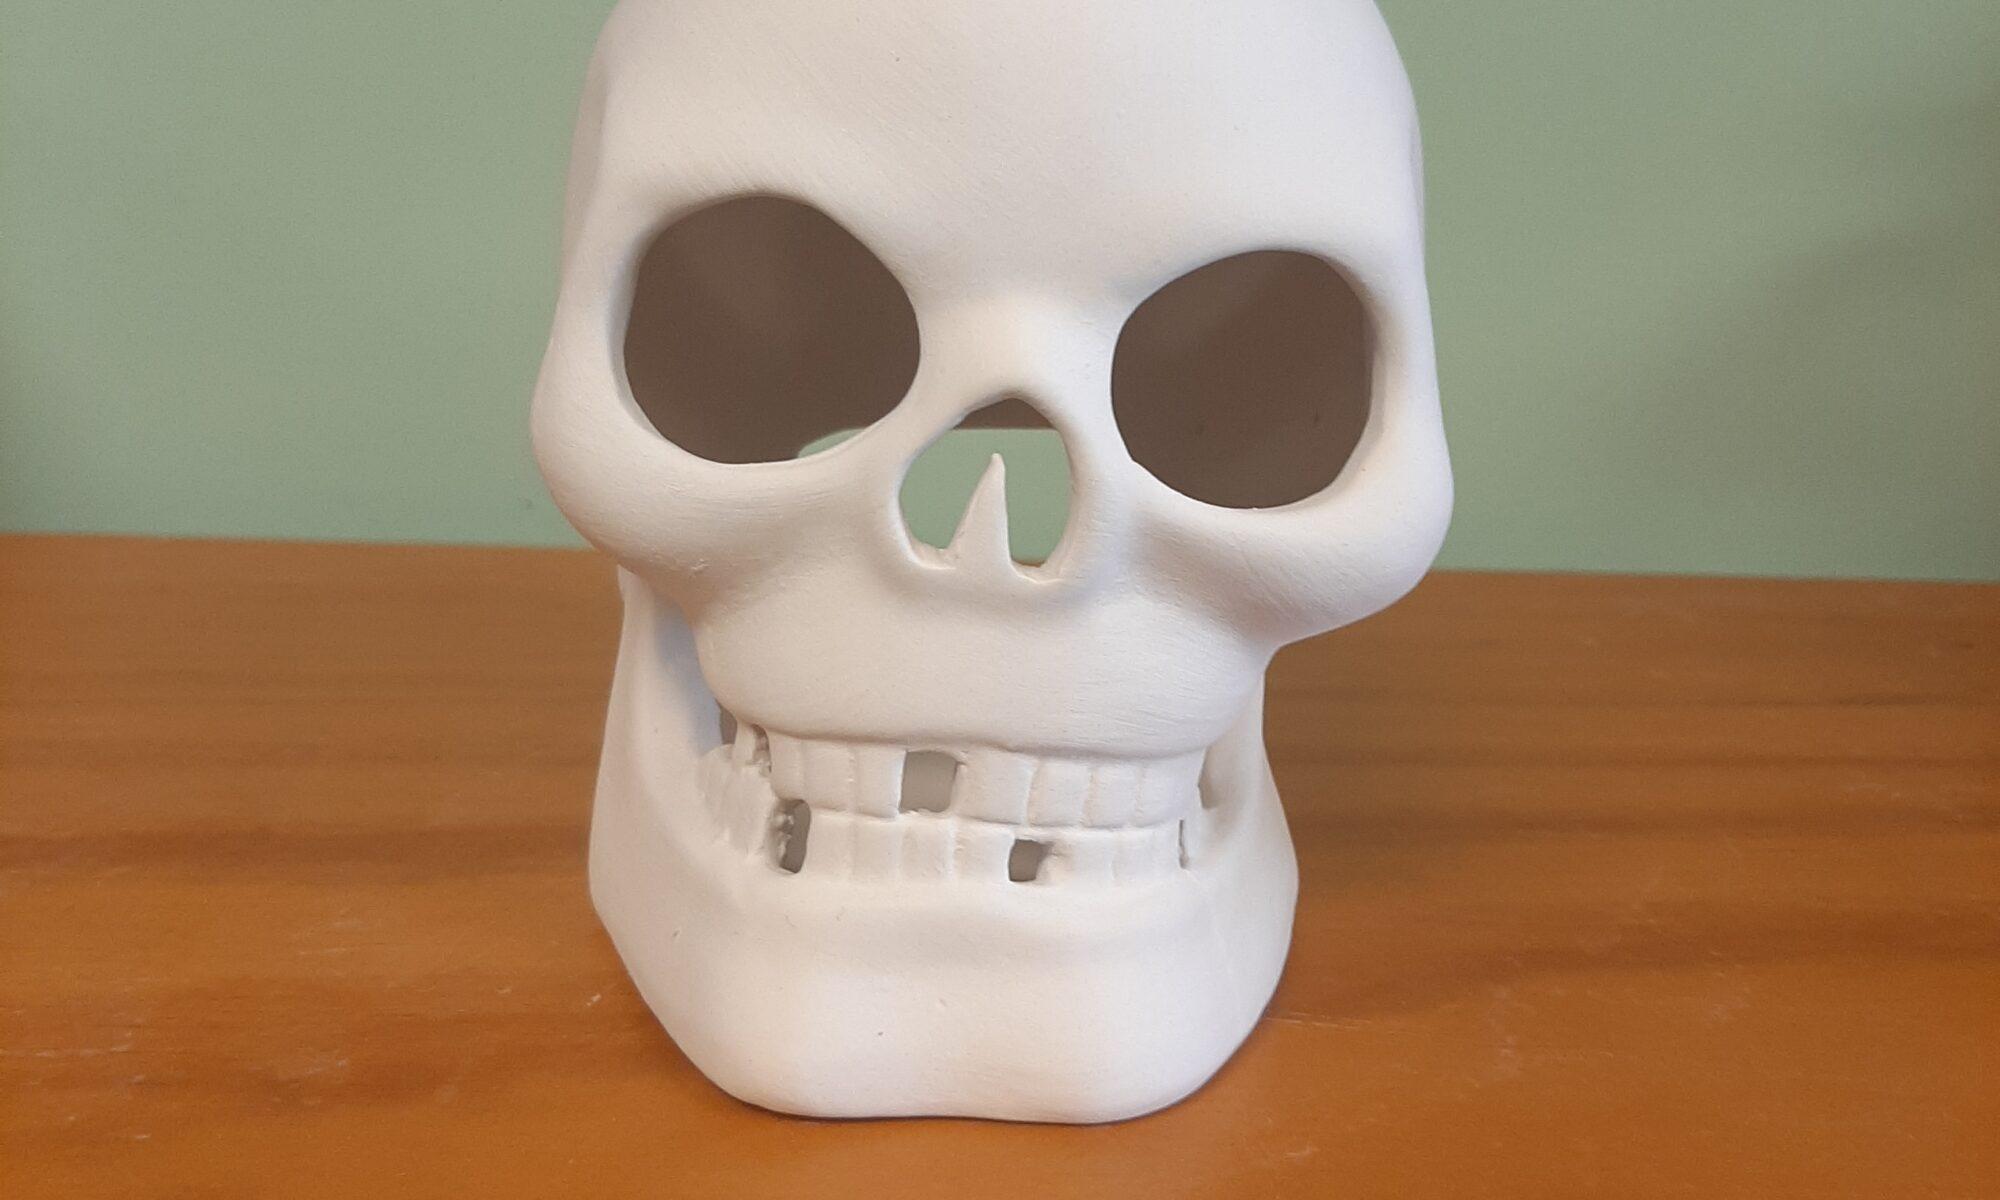 Skully the Skull